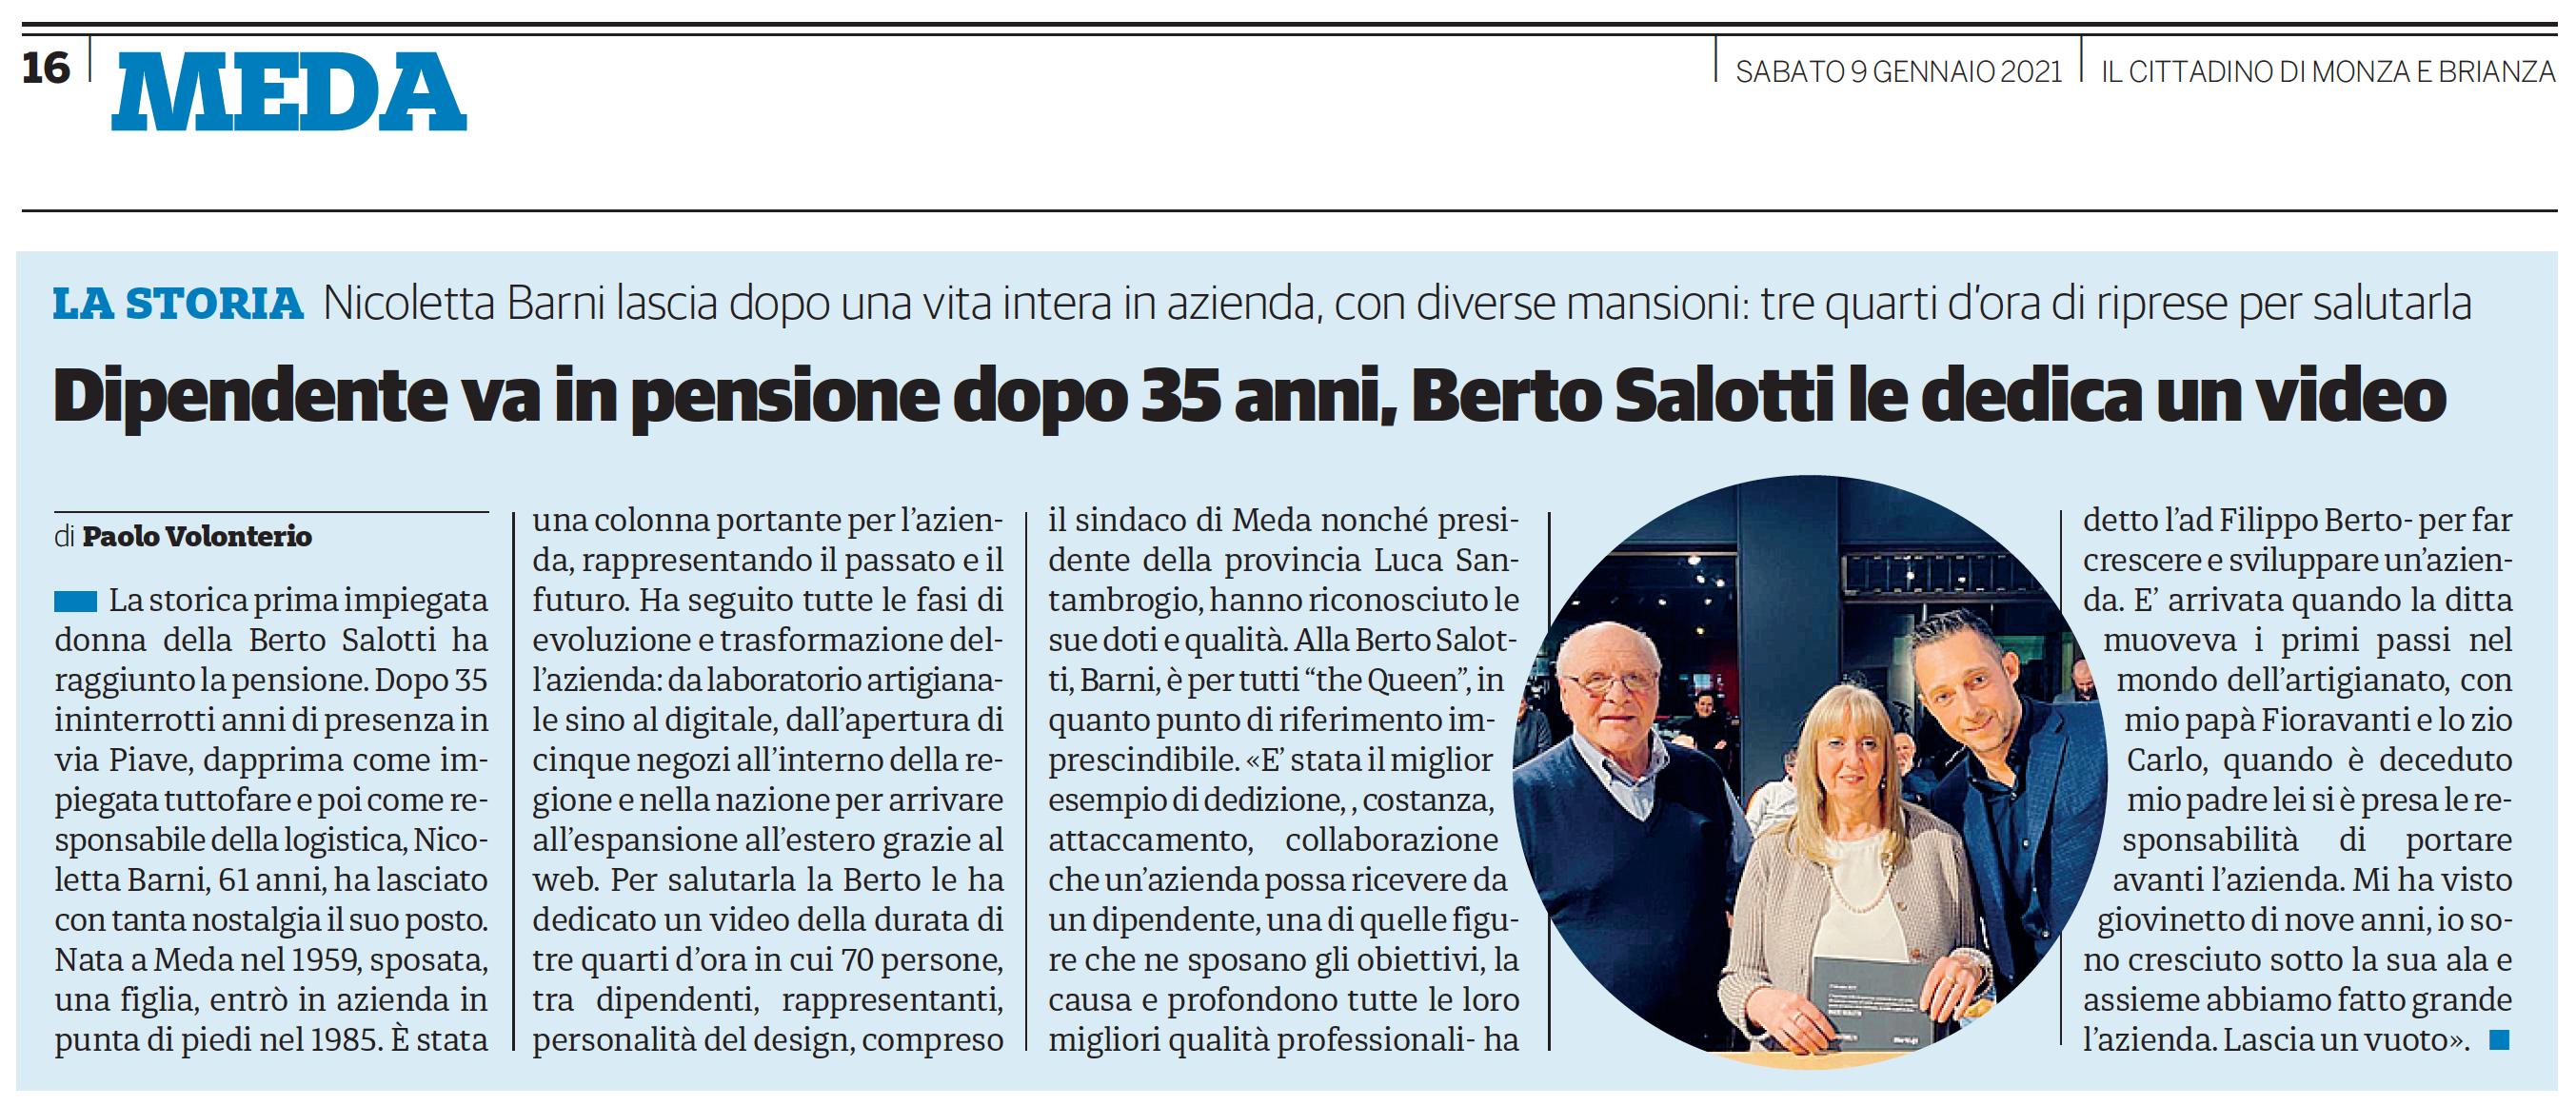 Nicoletta Barni storica dipendente della BertO